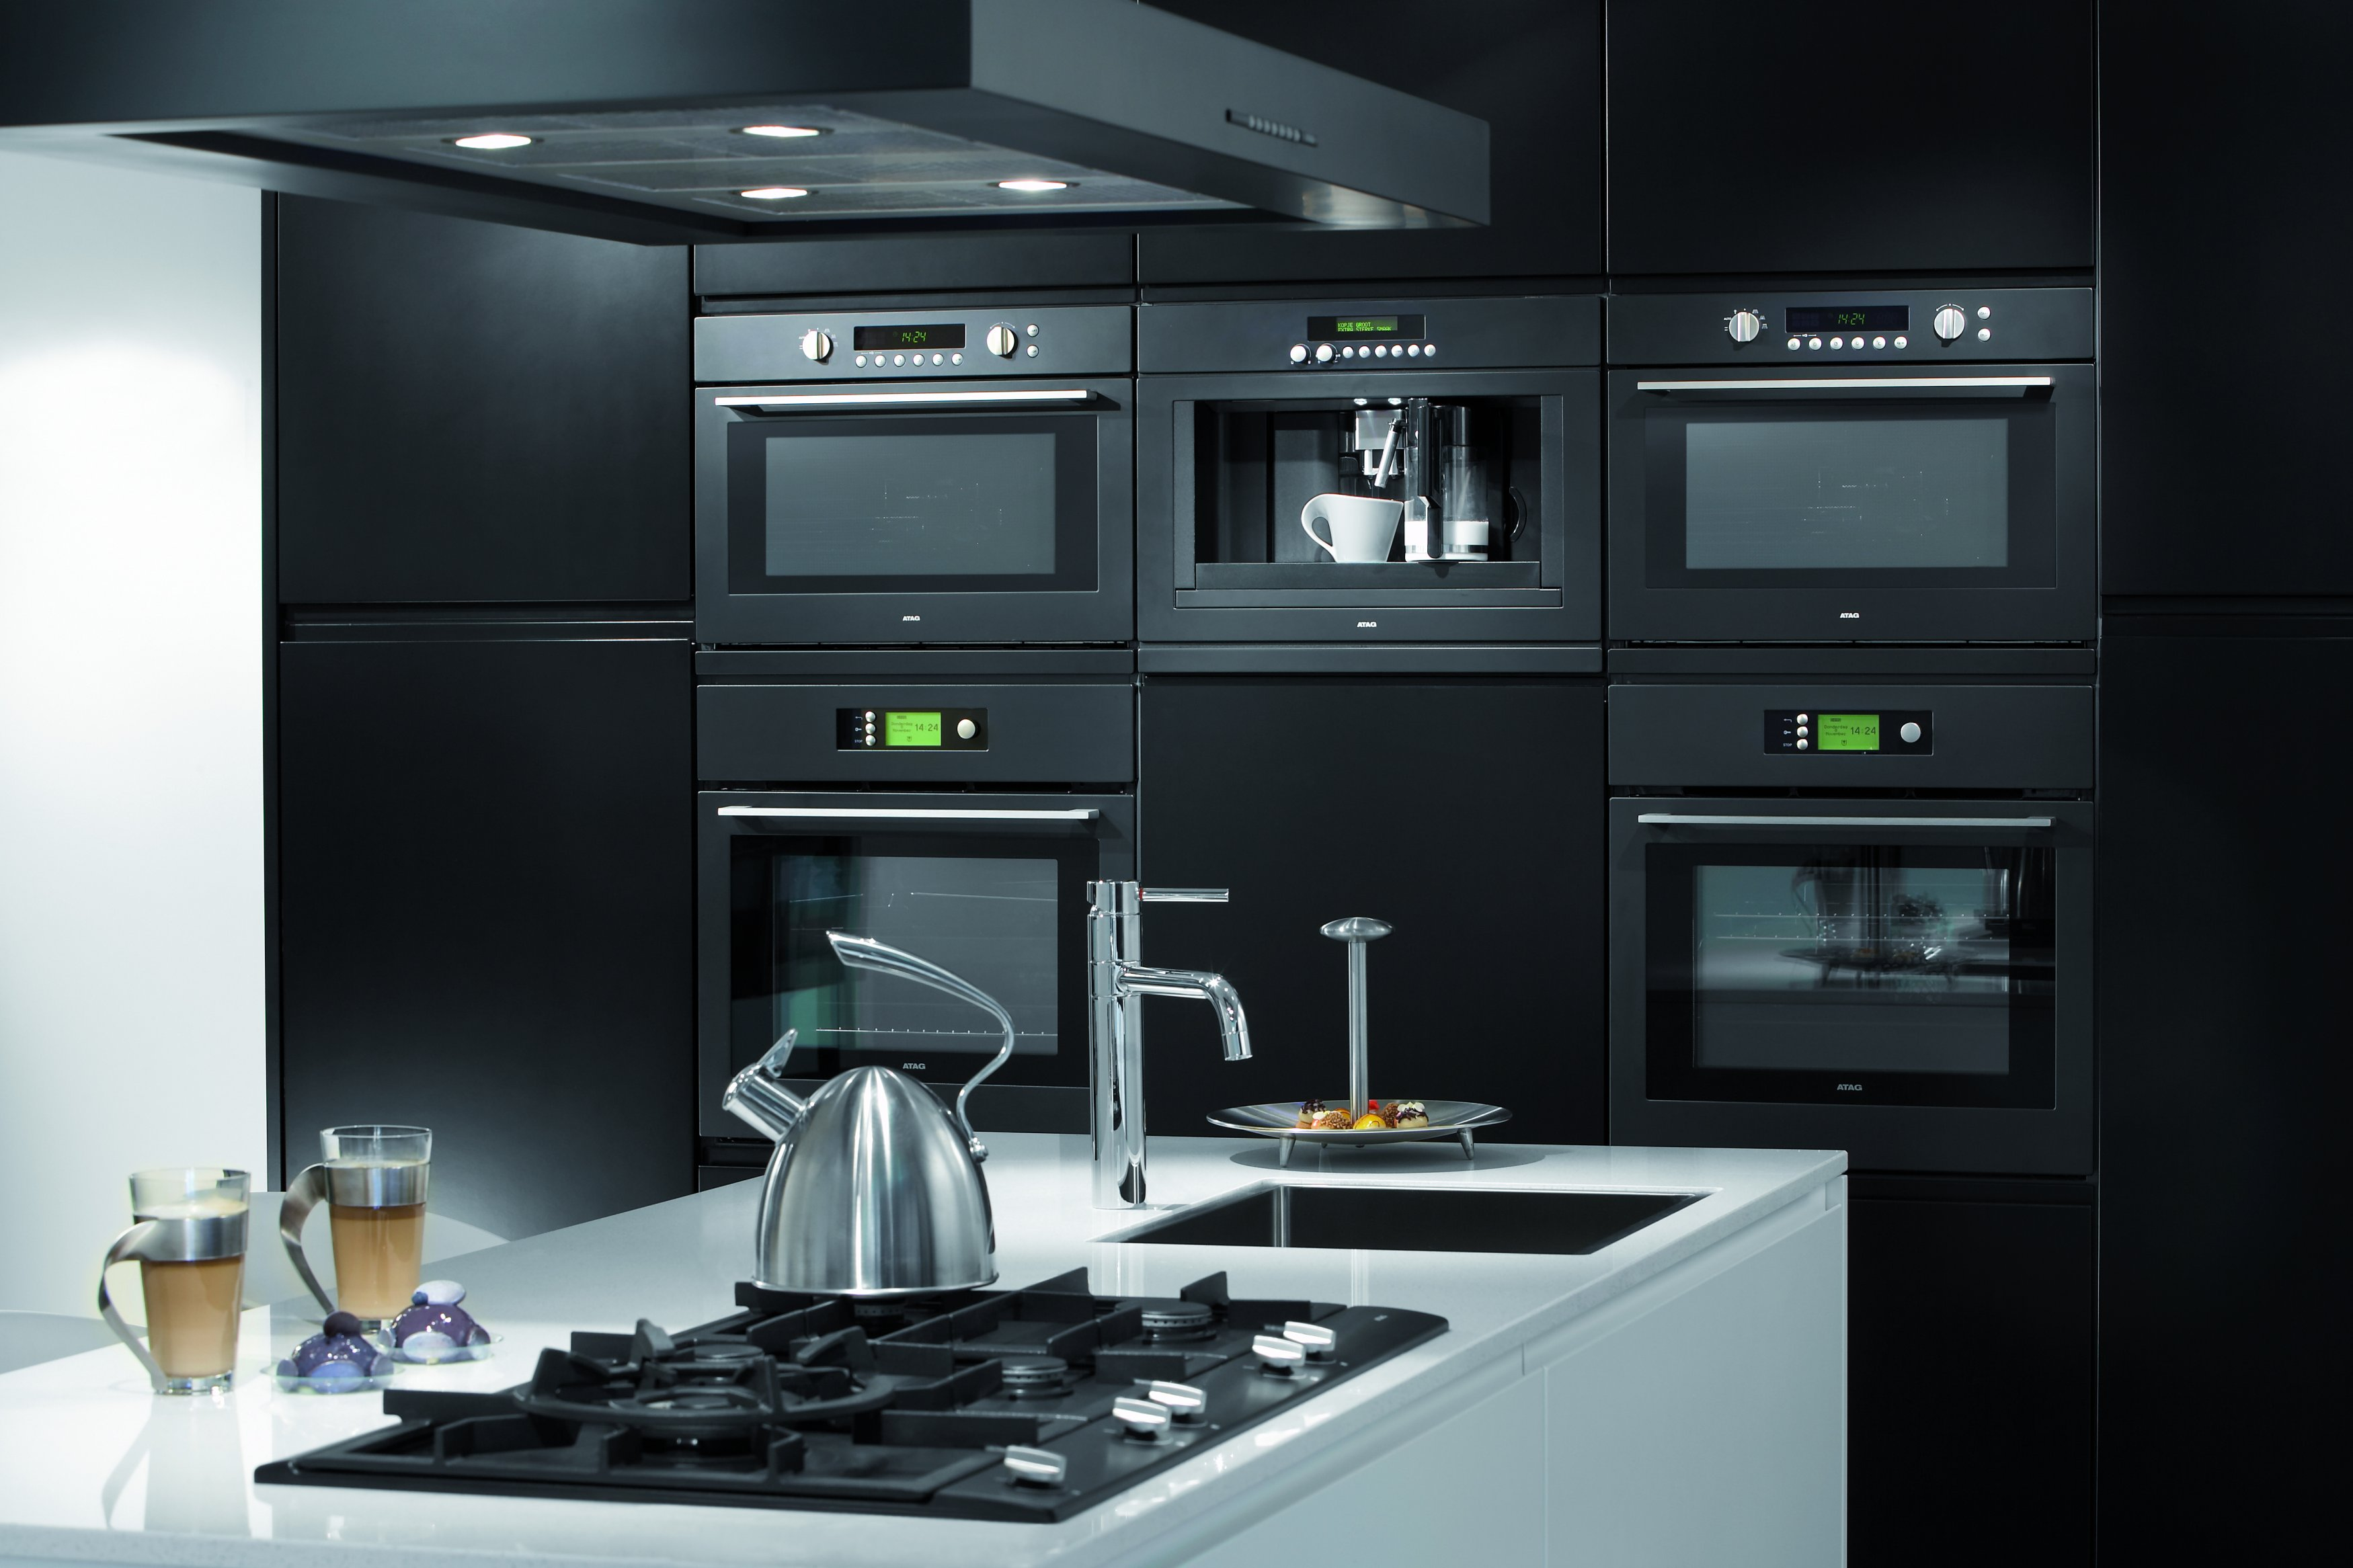 встроенная бытовая техника для кухни фото прозрачный